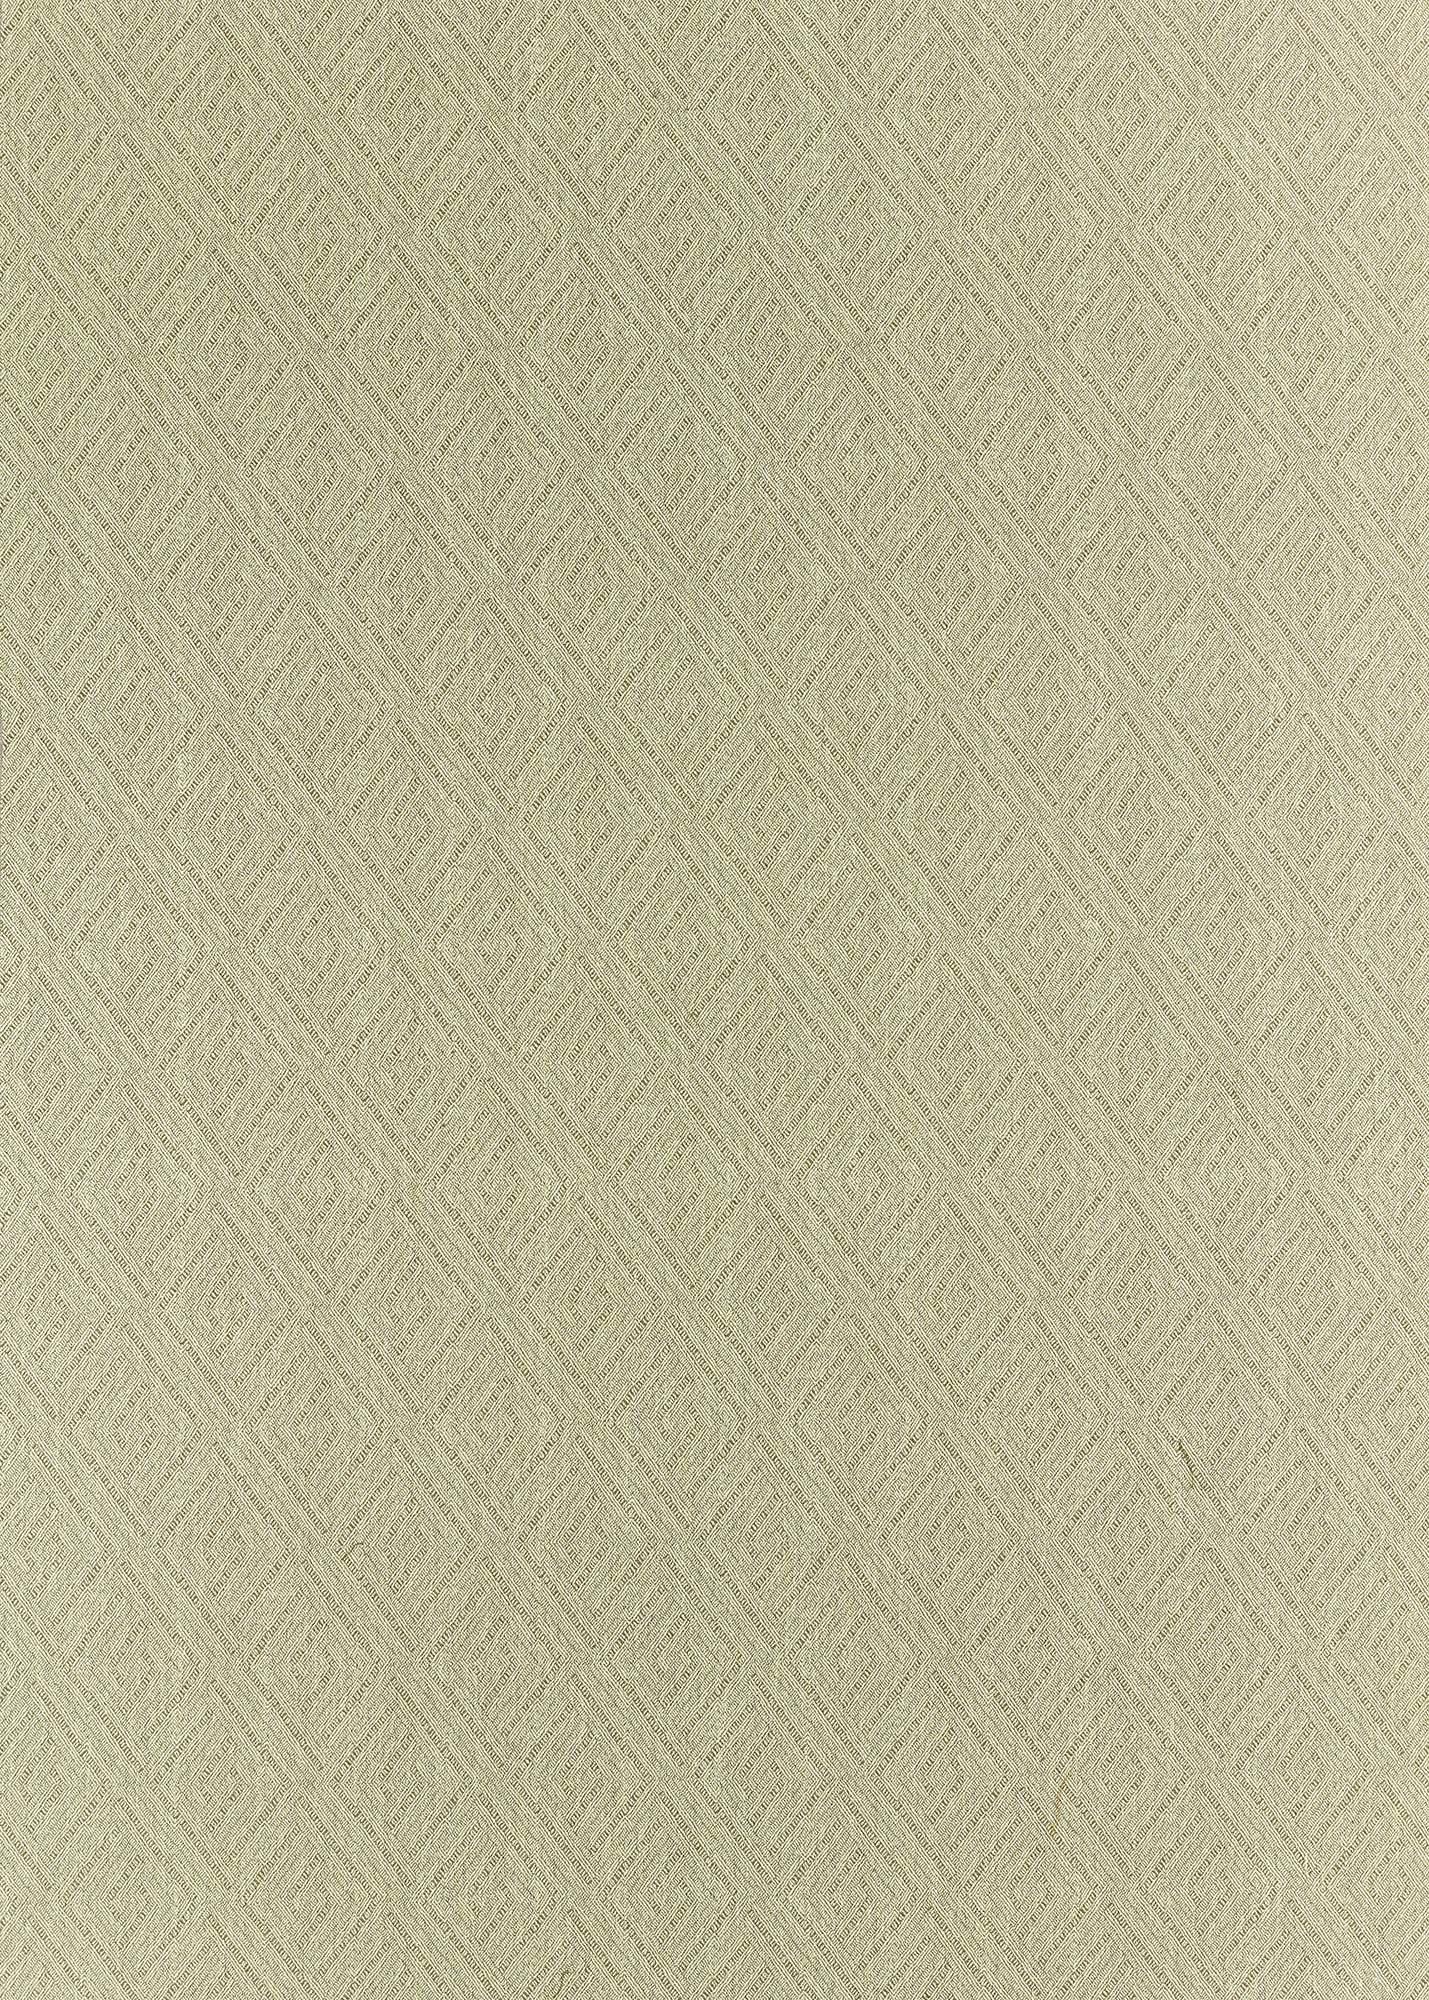 ウィリアムモリス生地 Lethaby Weave 236852